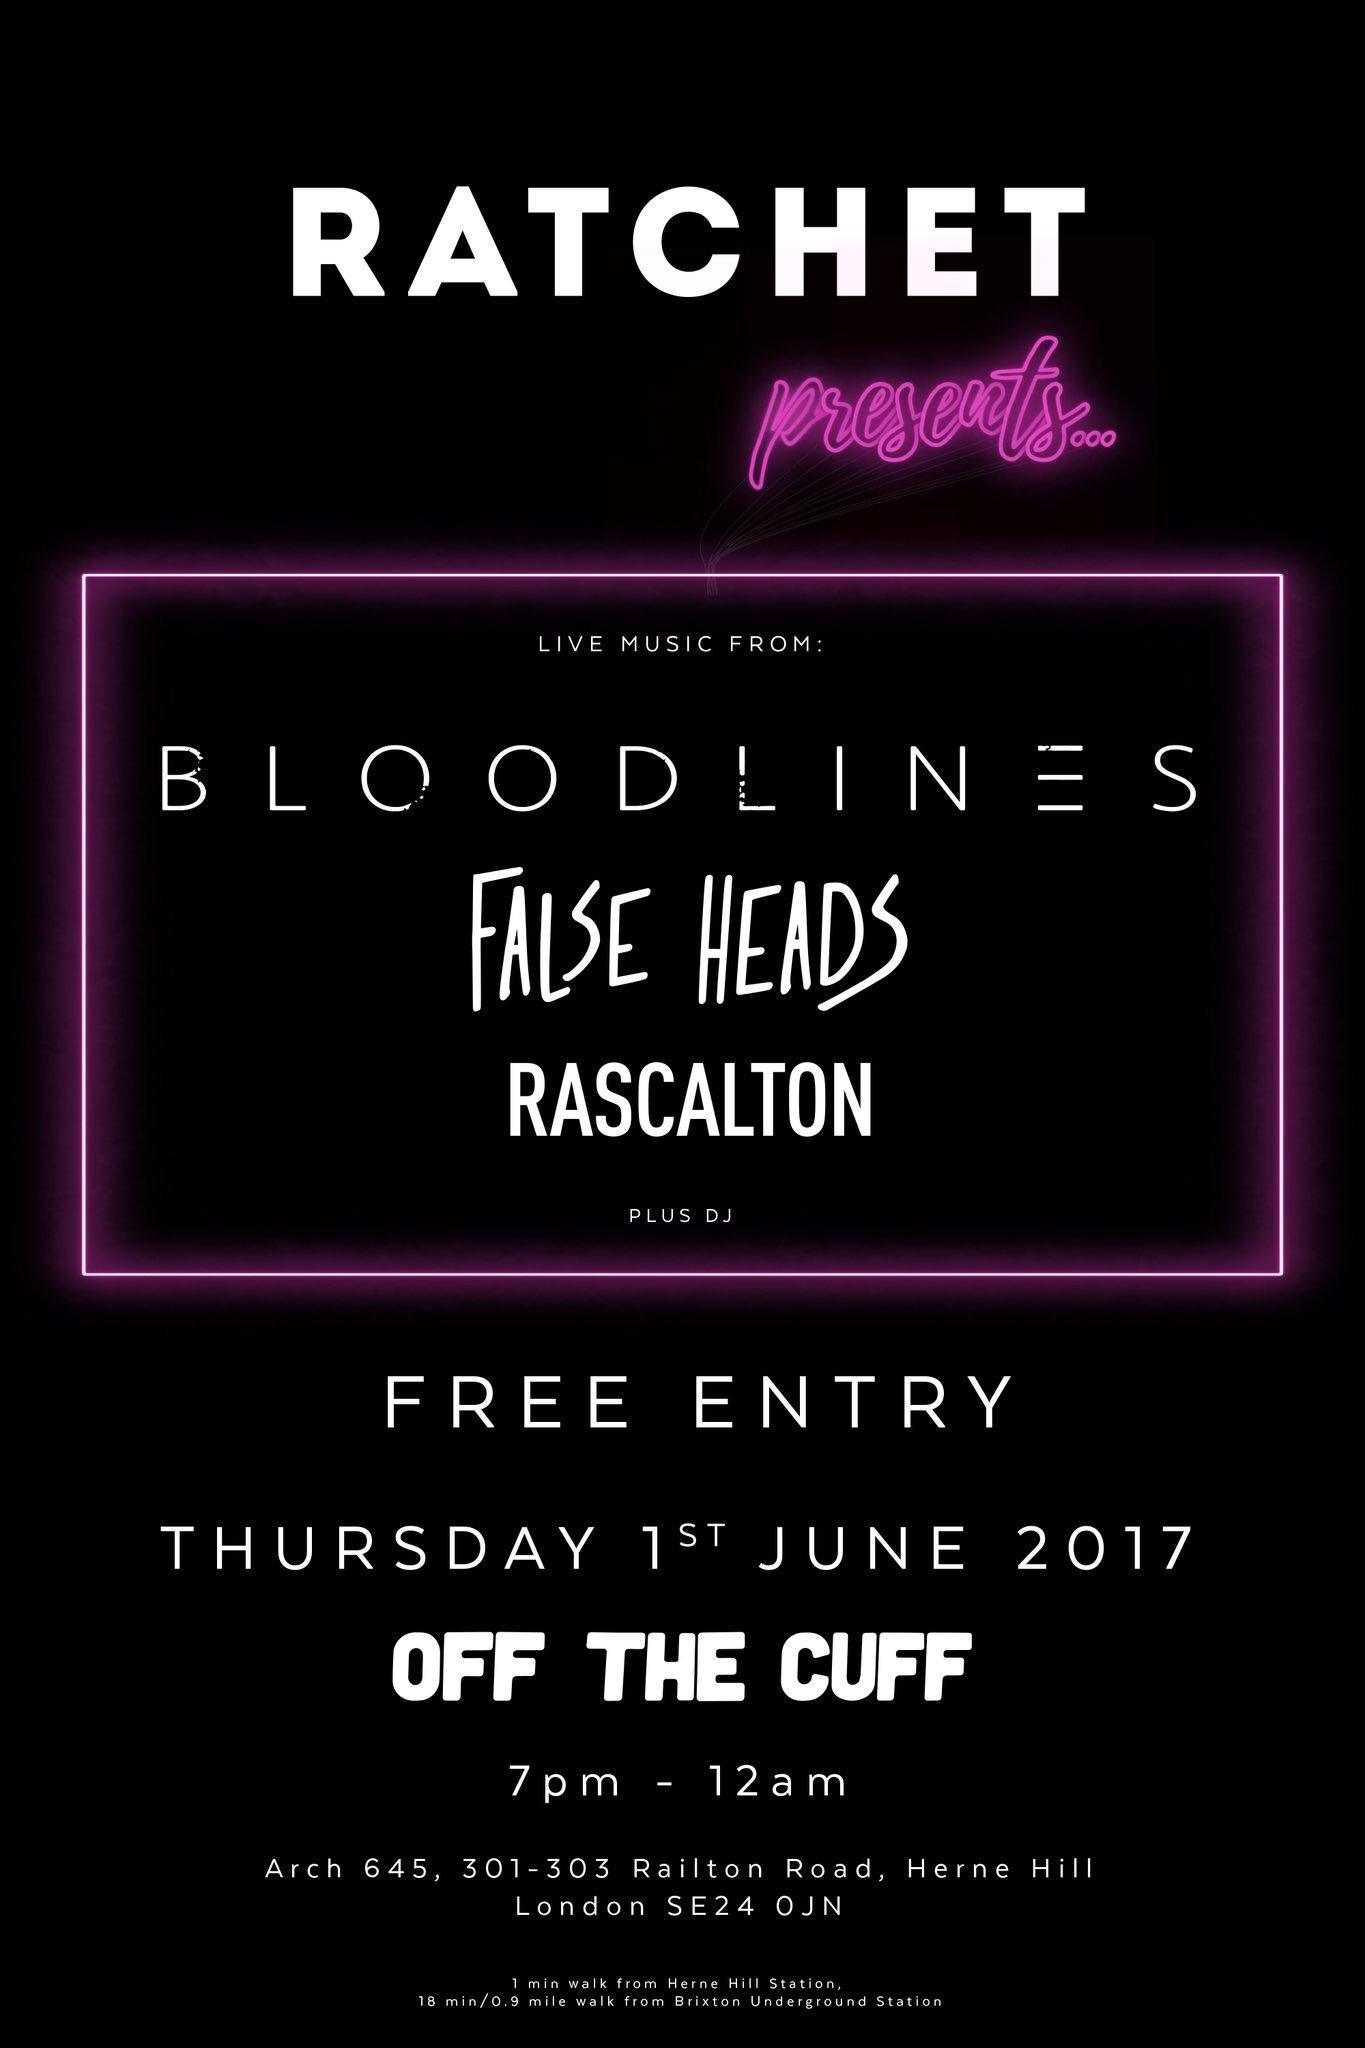 Ratchet presents Bloodlines / False Heads / Rascalton